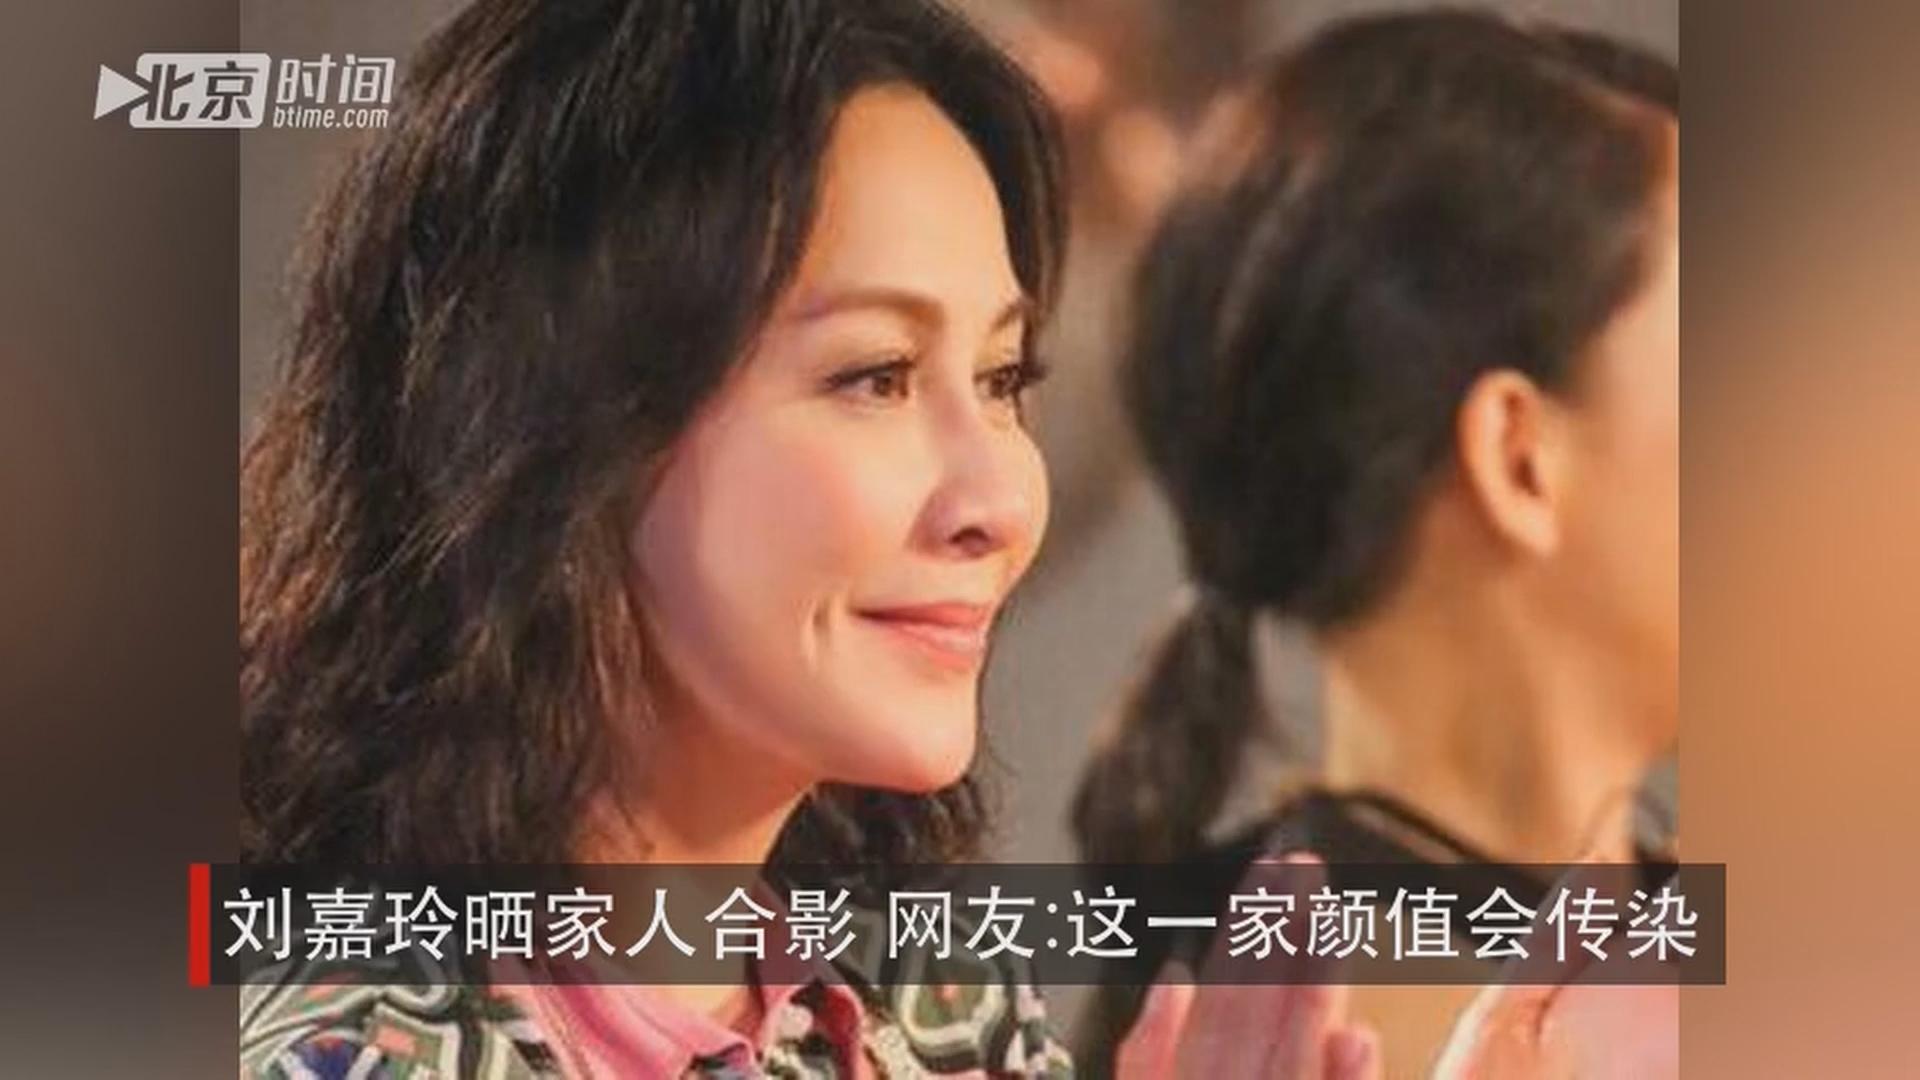 圆床红幔新房装修图-11月12日,刘嘉玲在微博晒出一家人的合影,感谢亲人朋友为自己妈妈